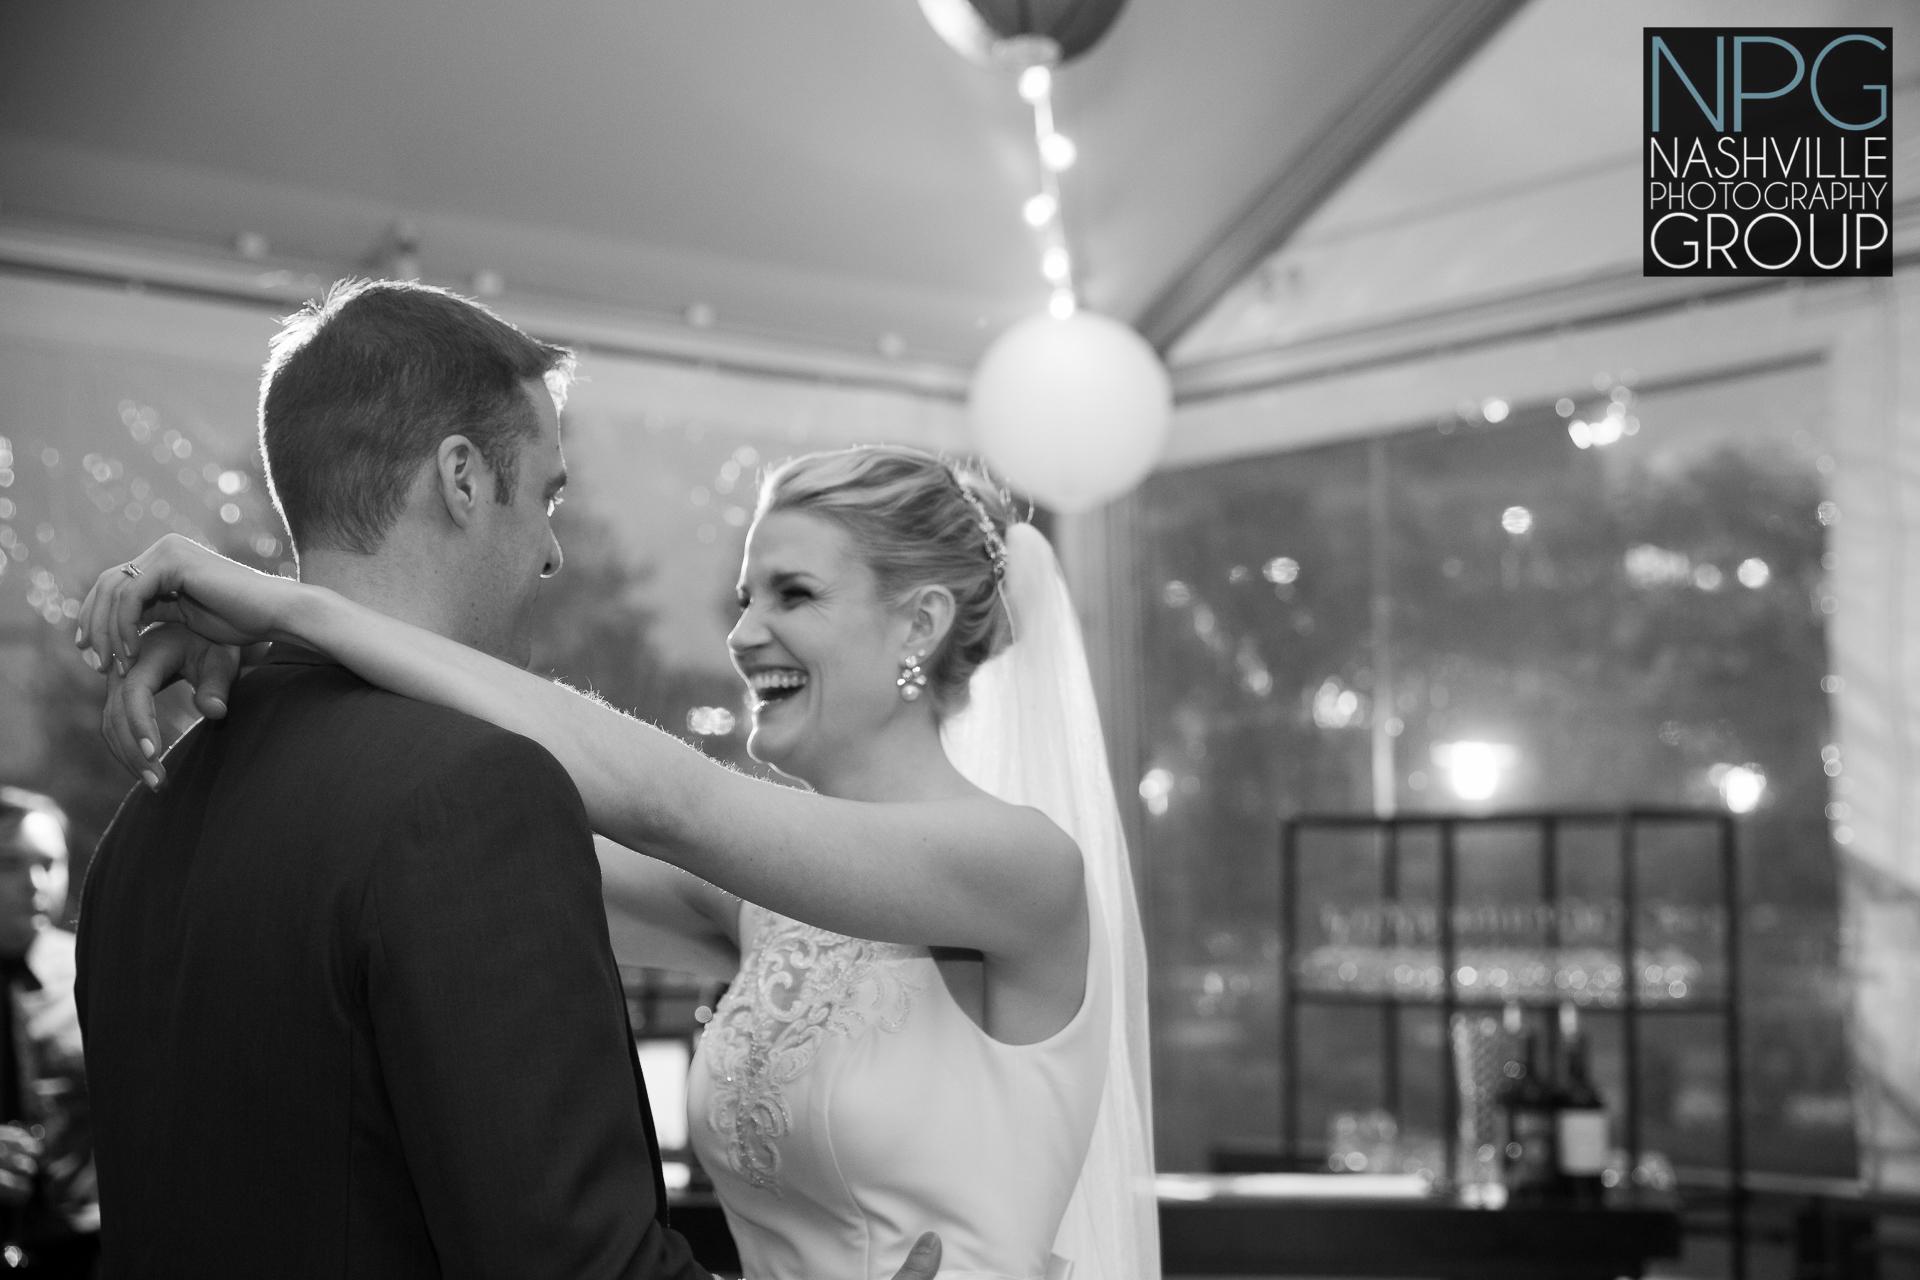 Nashville Photography Group - wedding photographers (2 of 2)-2.jpg